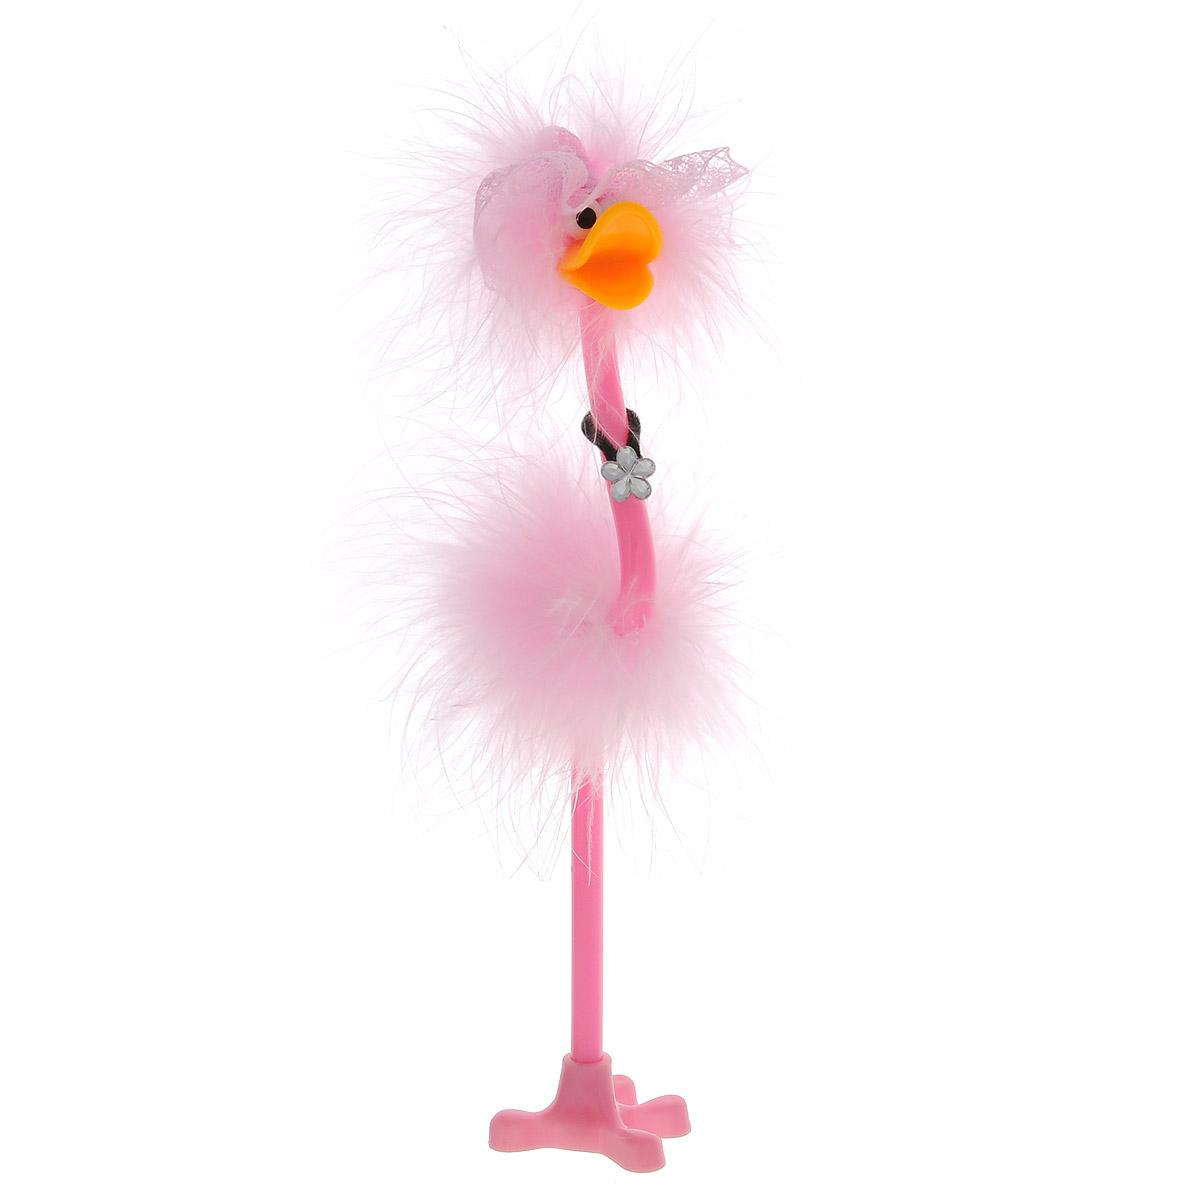 Ручка-игрушка Flamingo, в кружевной шляпке, с подставкой, цвет: розовый82965_розовый, шляпкаОригинальная шариковая ручка-игрушка Flamingo станет отличным подарком и незаменимым аксессуаром на вашем рабочем столе. Ручка, украшенная перьями, выполнена в виде забавной птички фламинго в широкополой кружевной шляпке. К ручке прилагается подставка в виде лапки.Такая ручка - это забавный и практичный подарок, она не потеряется среди бумаг и непременно вызовет улыбку окружающих.